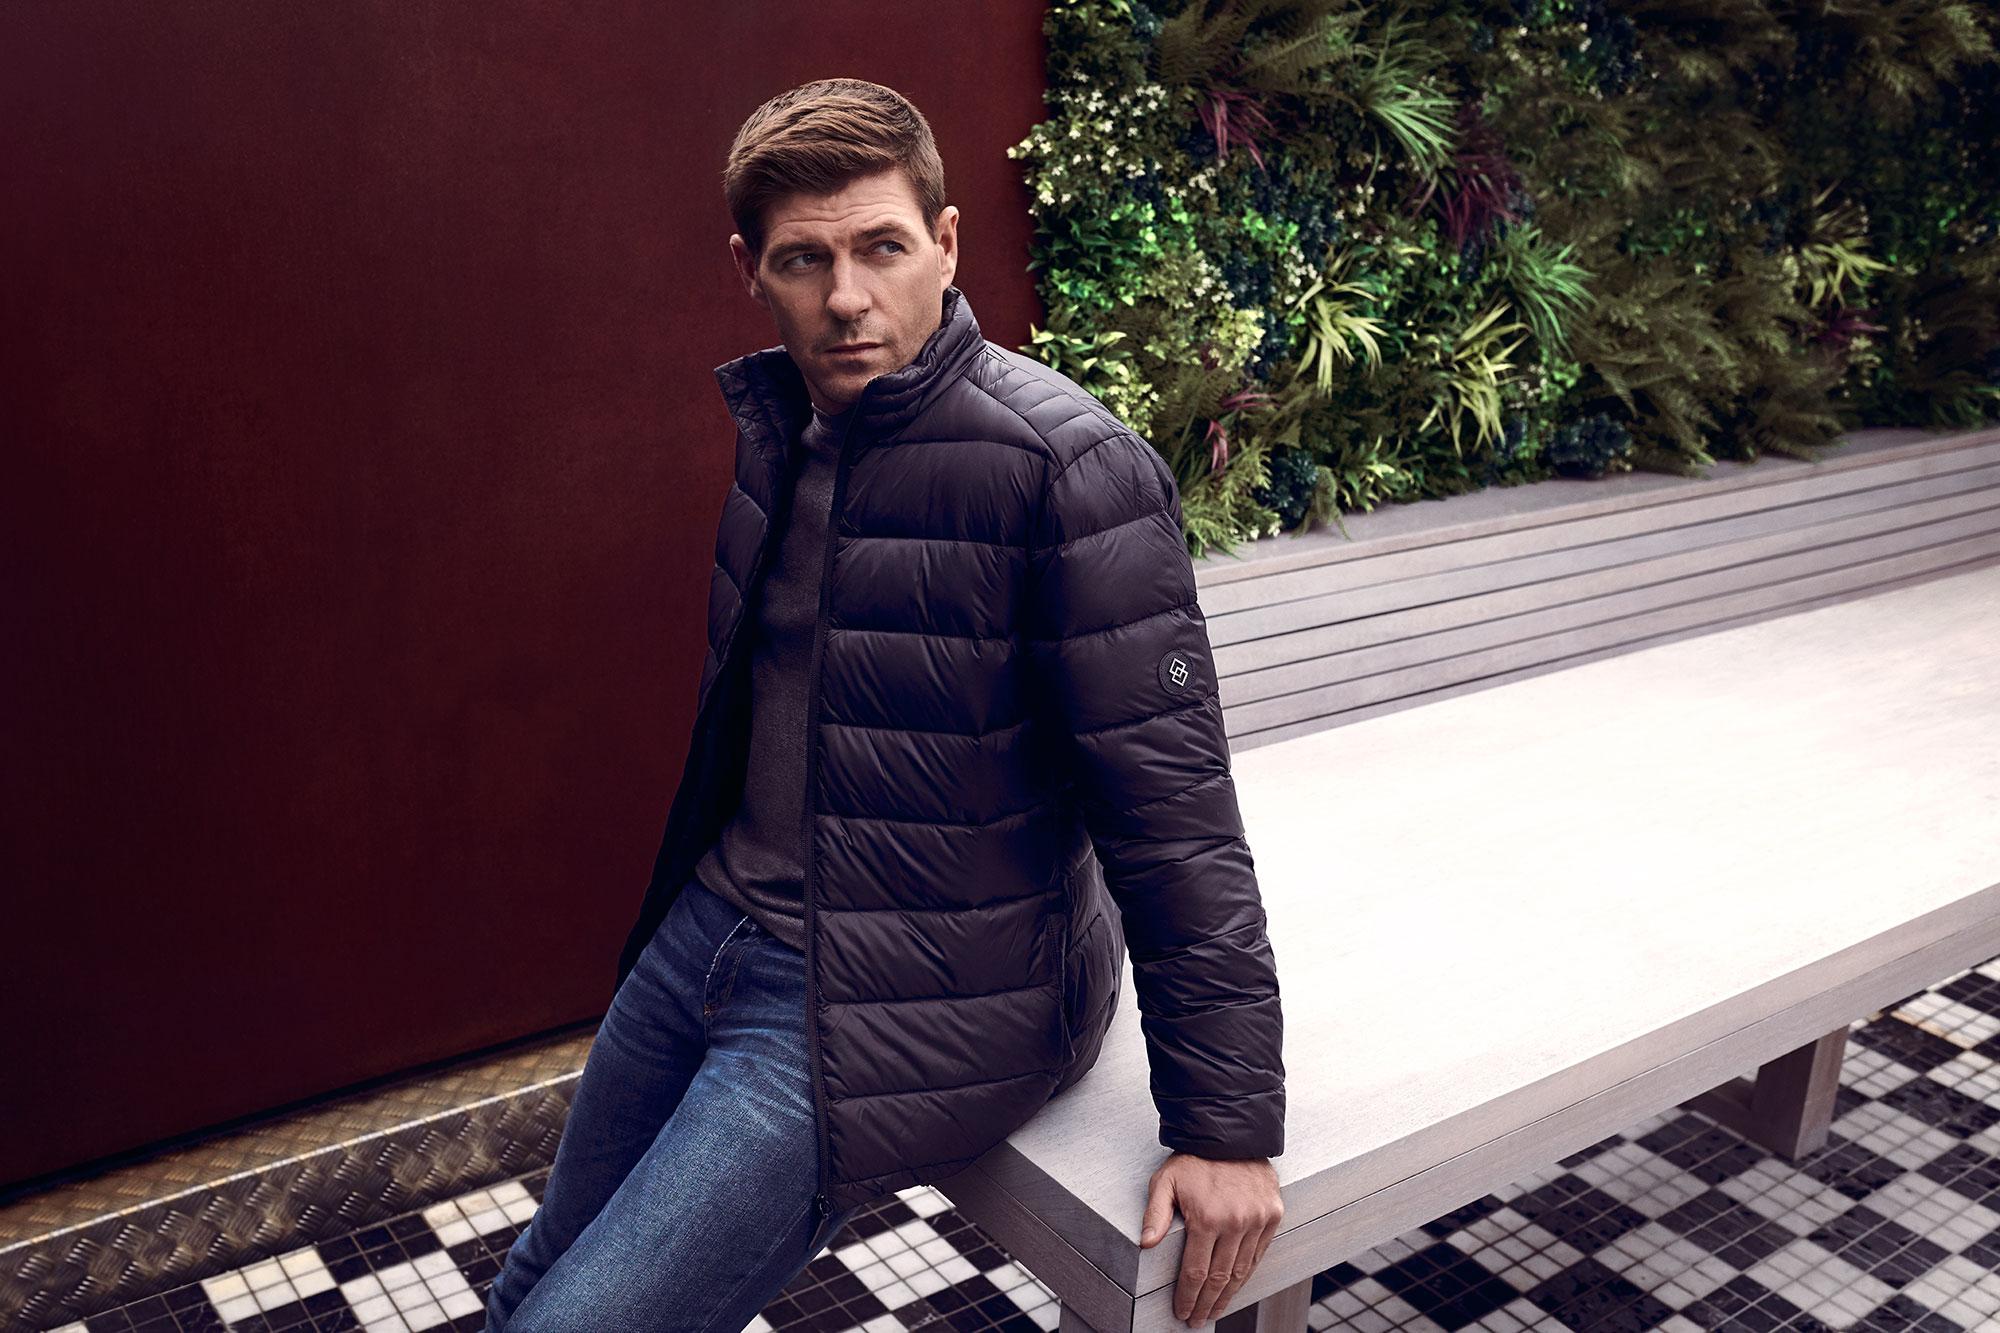 Steven-Gerrard-by-Sane-Seven-campaign-advert-portrait-sitting-2000-px-wide